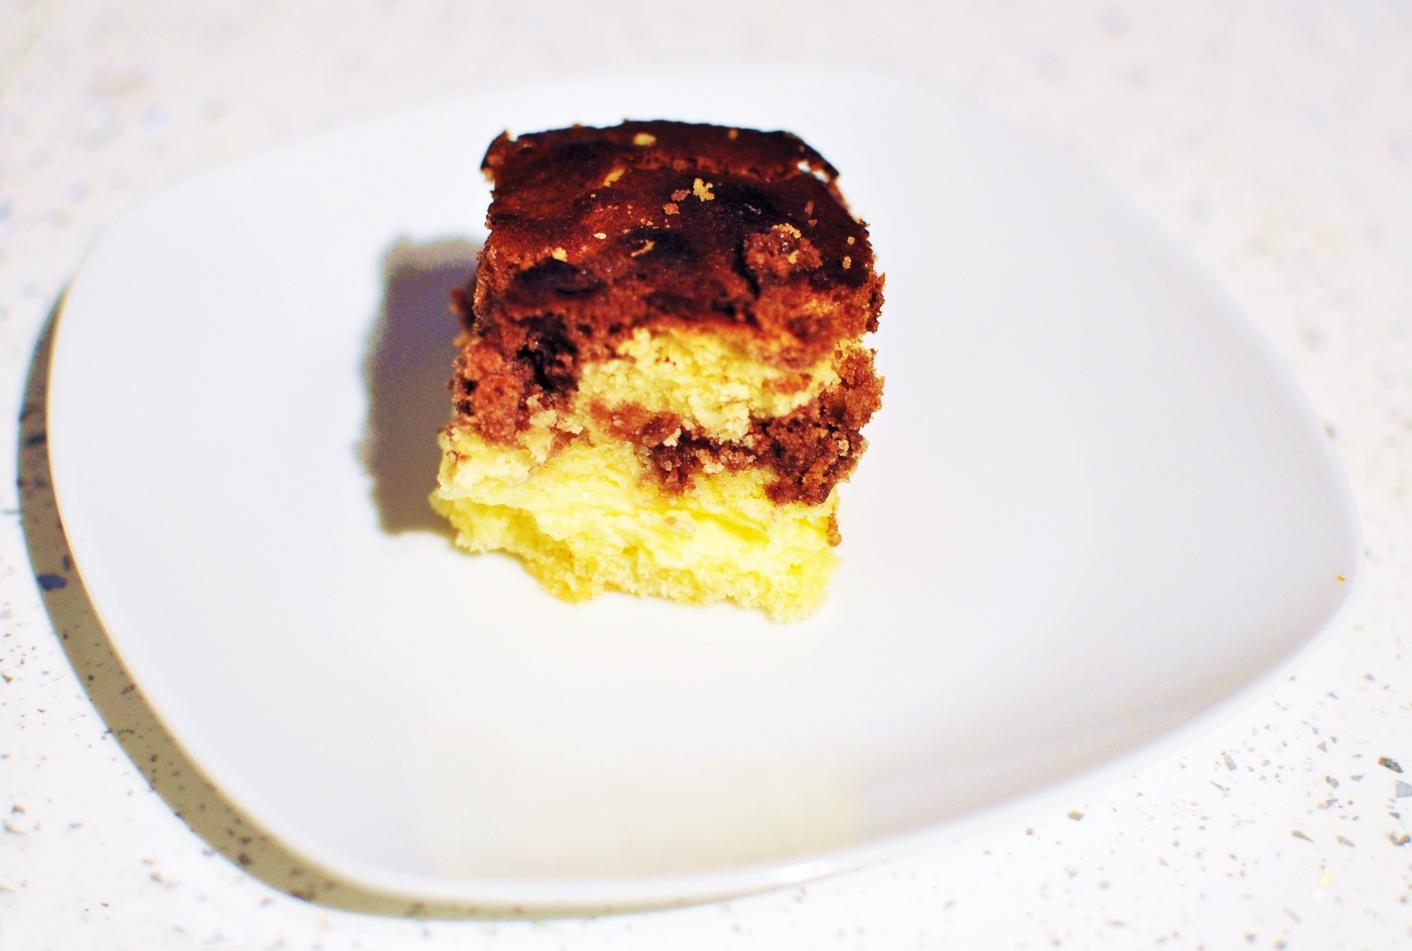 szybkie-ciasto_na-kazda-kieszen